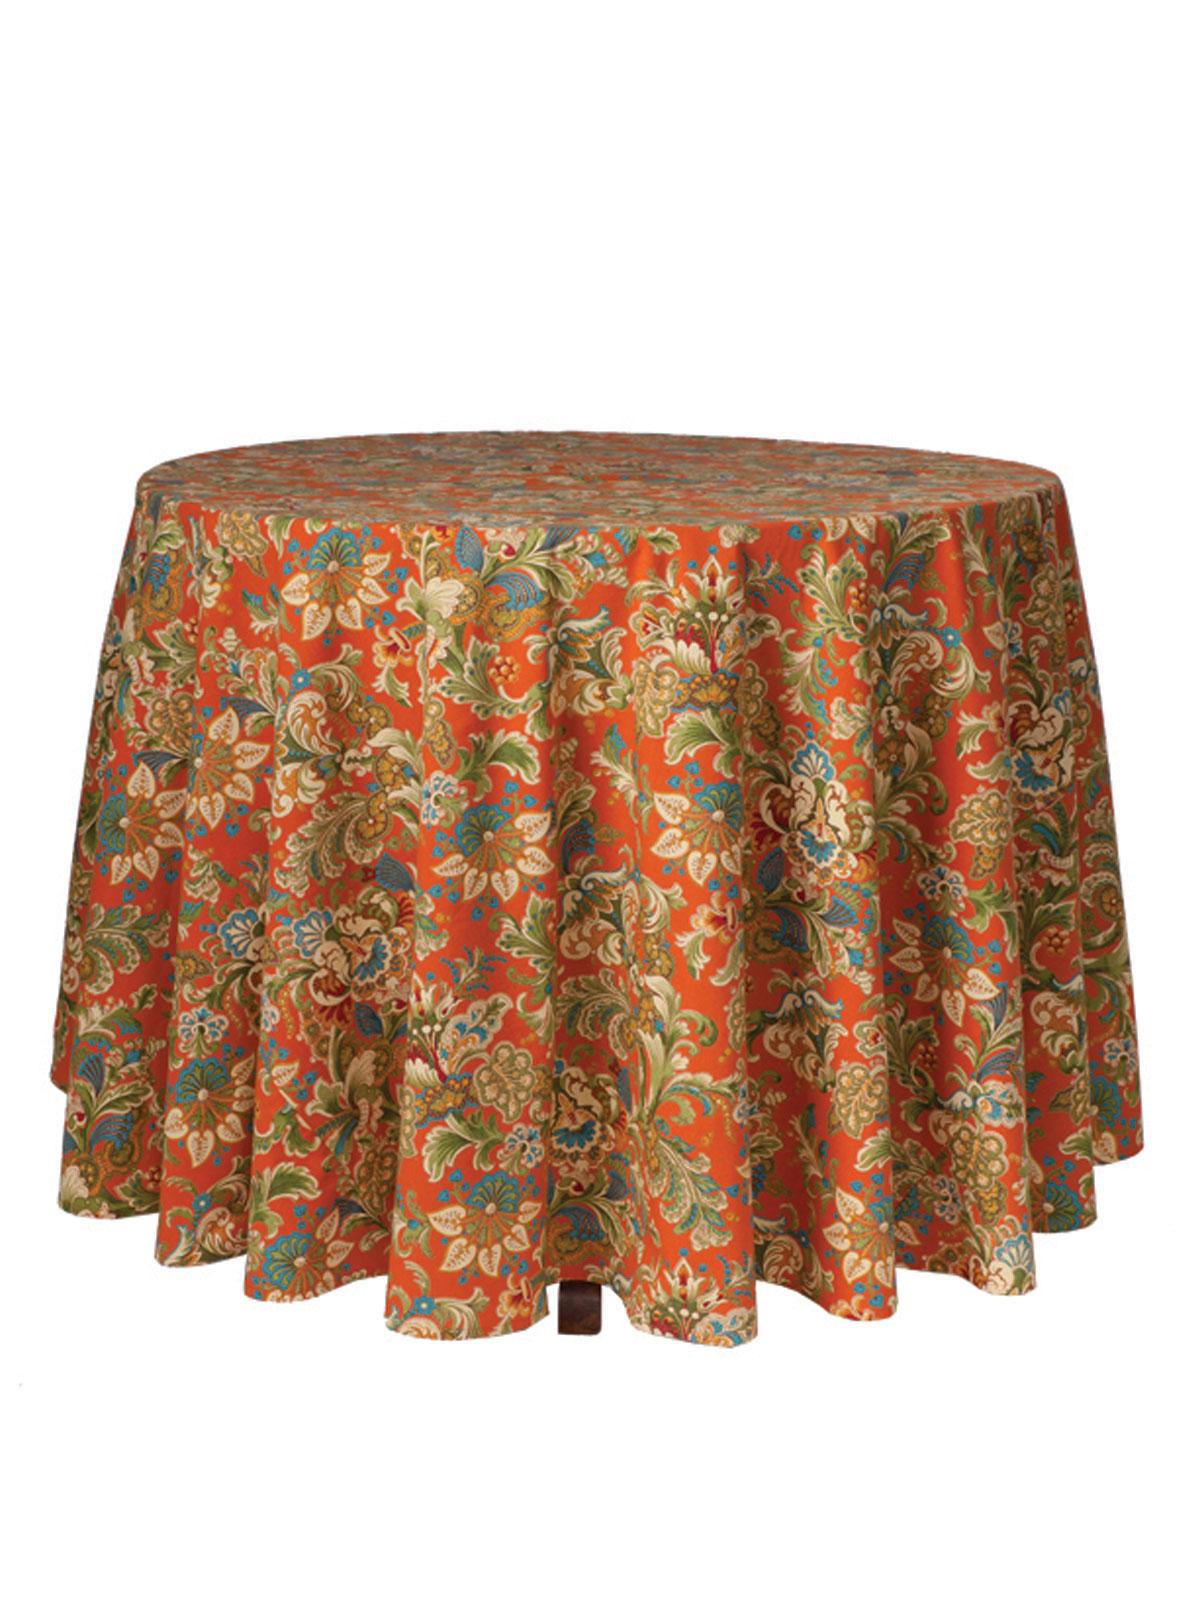 Jacob S Court Tablecloth Attic Sale Linens Amp Kitchen